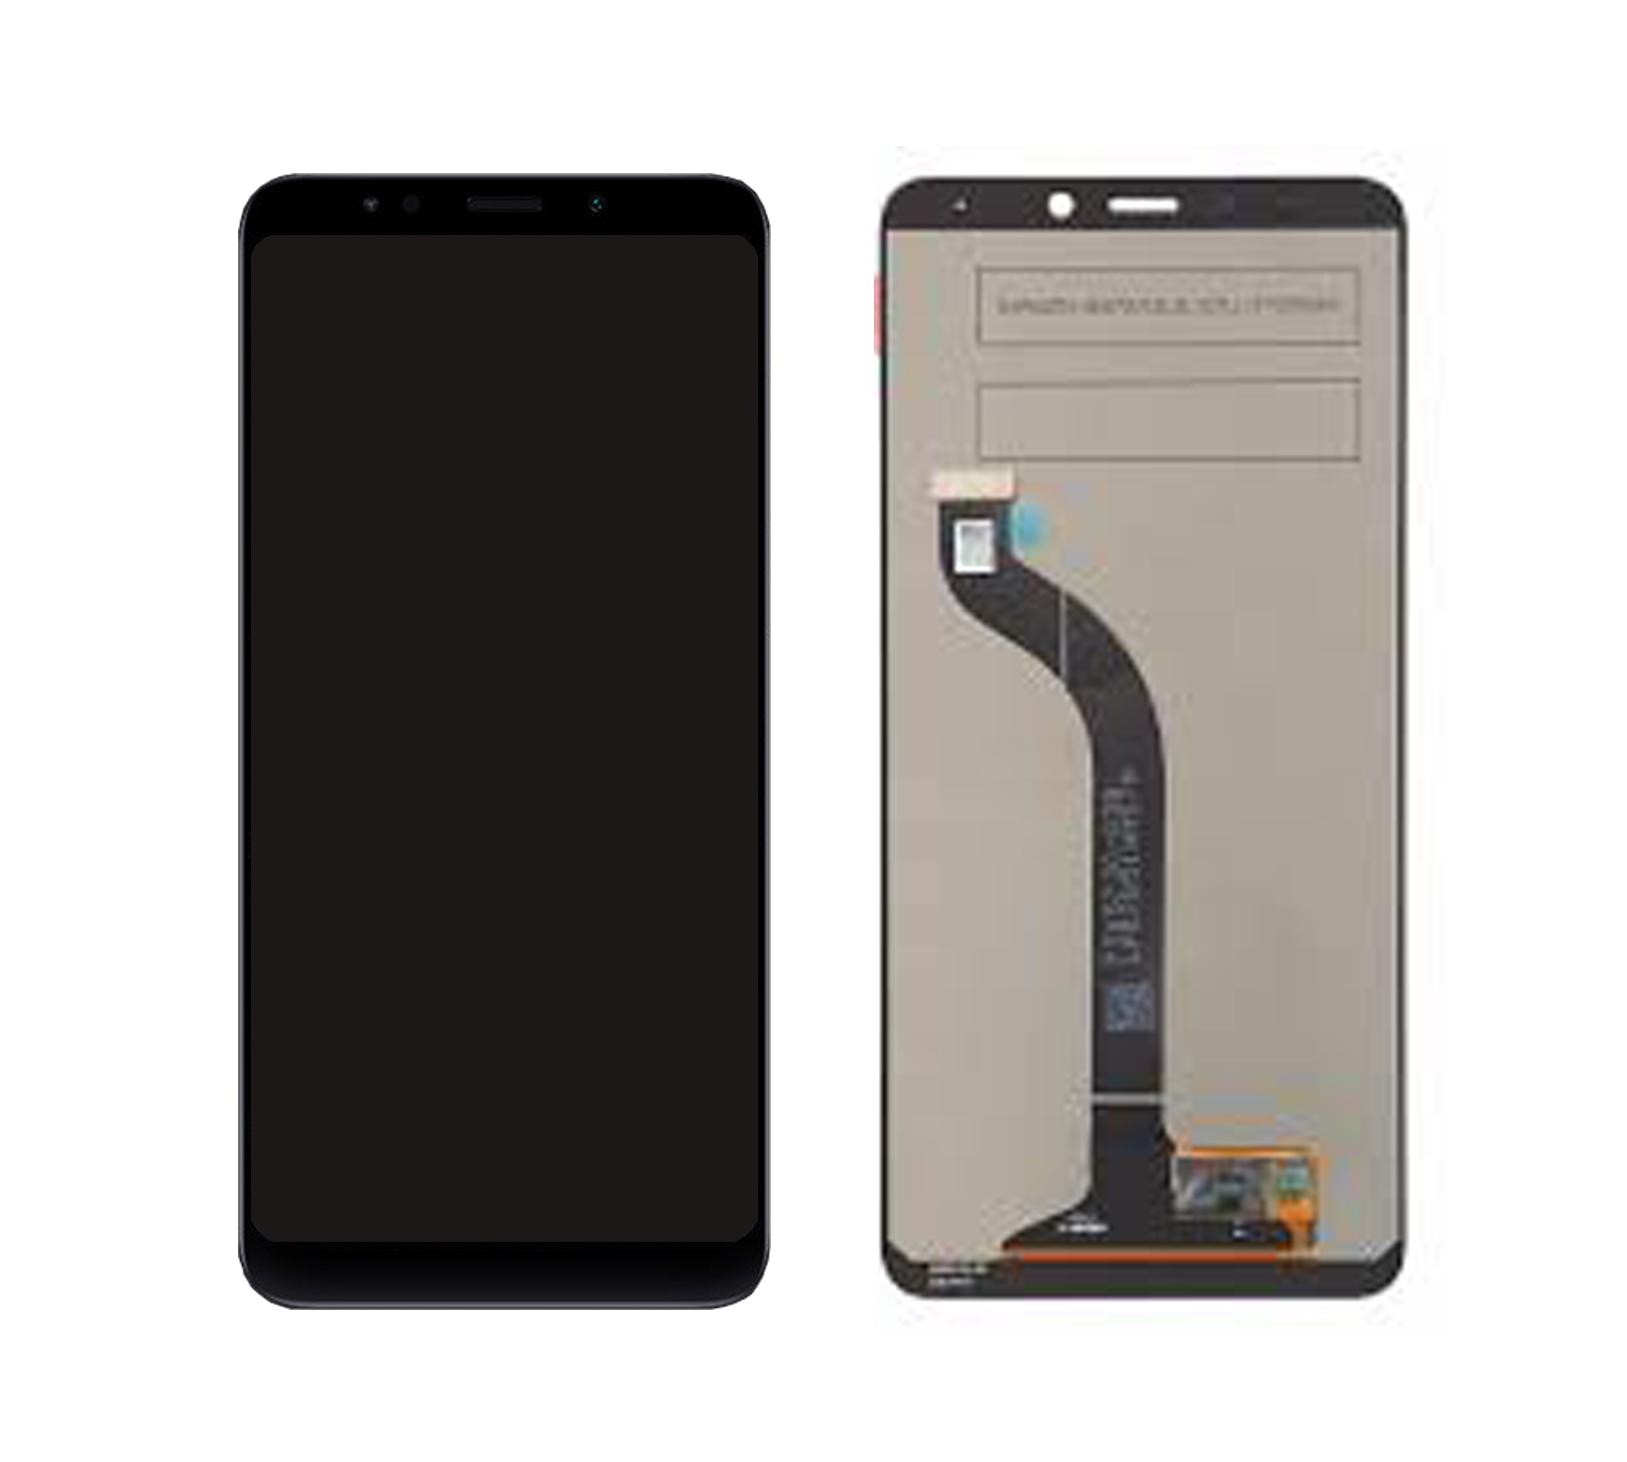 ราคาหน้าจอชุด+ทัสกรีน Xiaomi Redmi 5 สีดำ แถมฟรีไขควง ชุดแกะเครื่อง อย่างดี